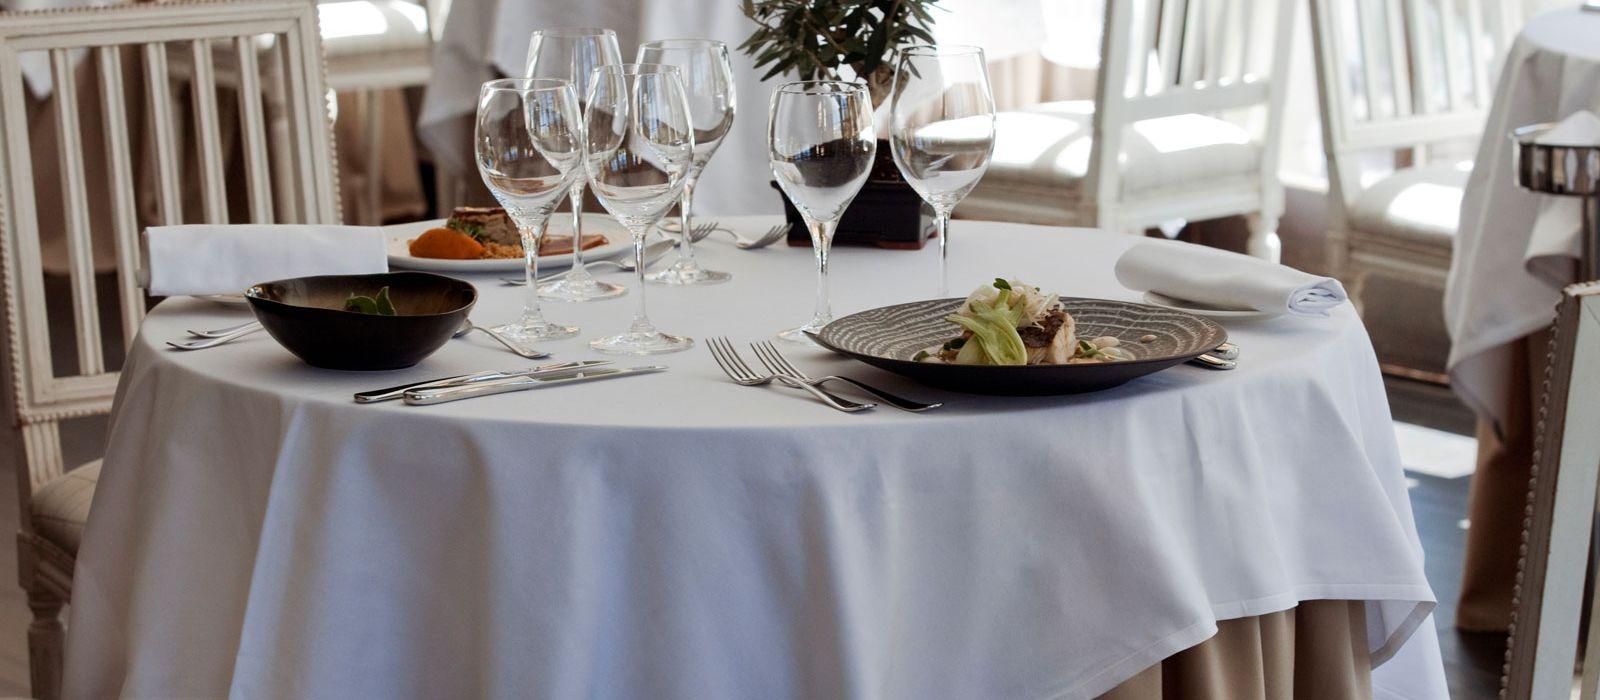 Prueba nuestros  Restaurantes en La Garriga | Hotel Blancafort